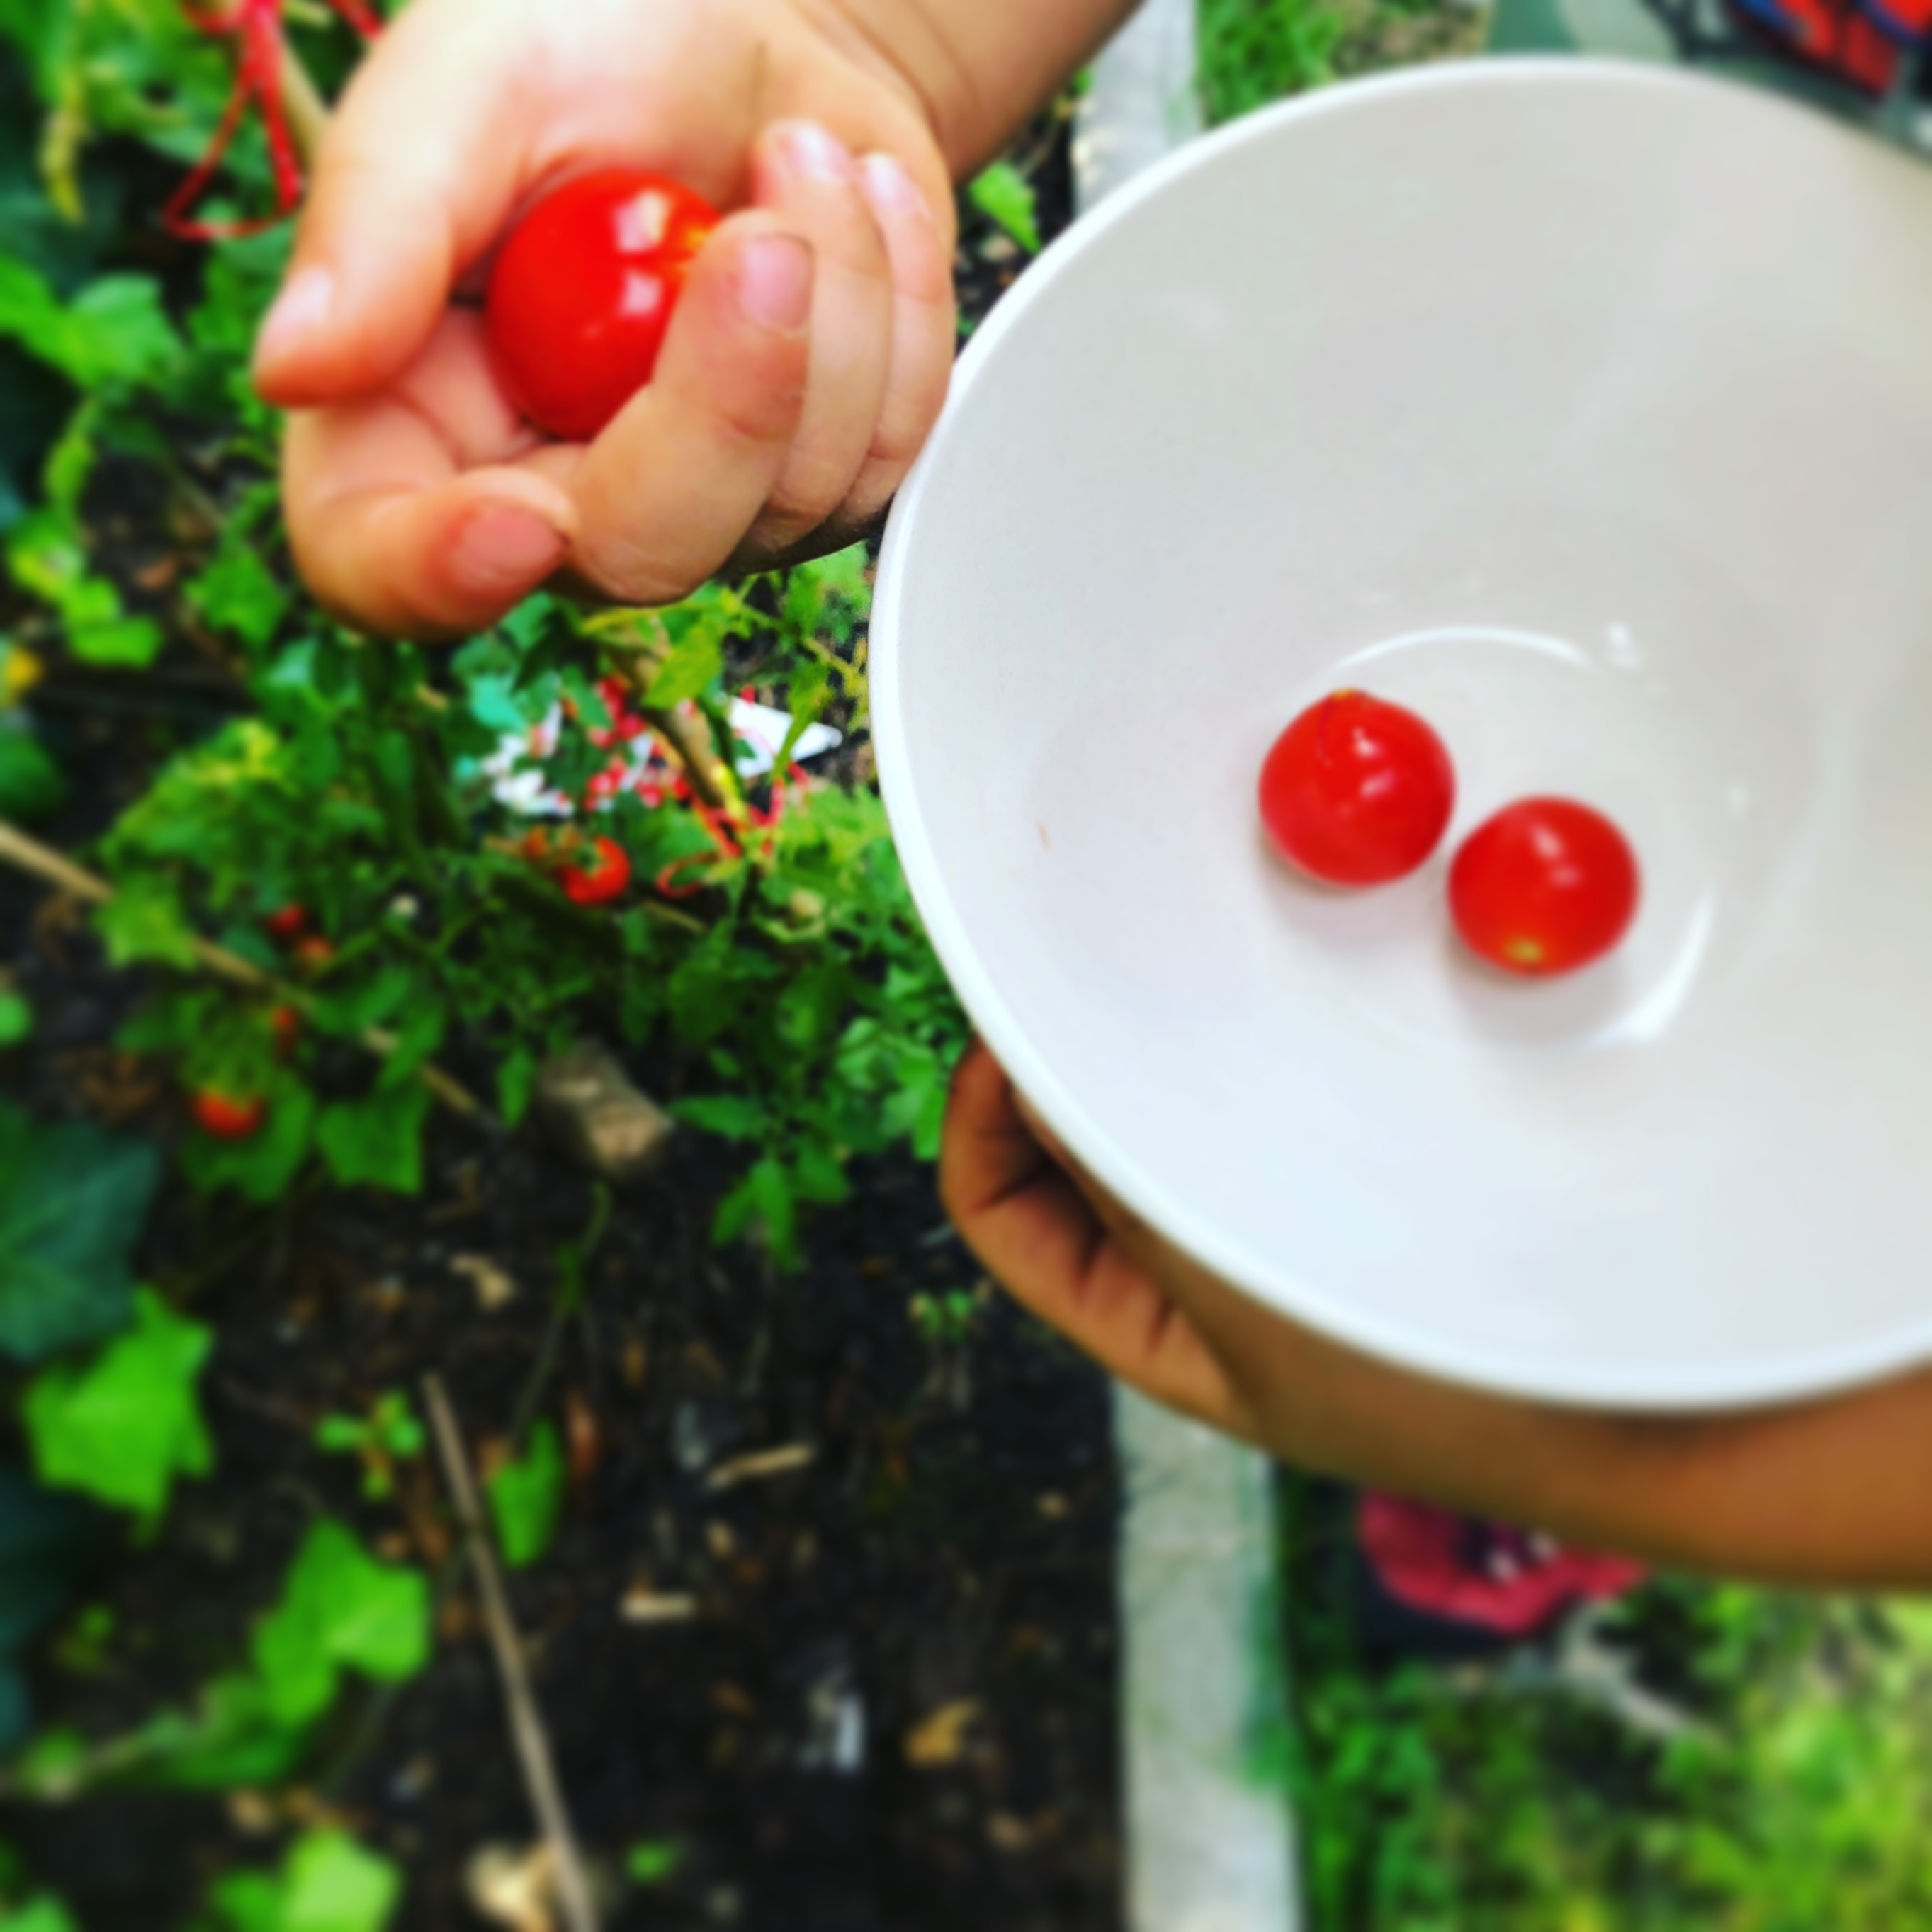 kid picking tomatoes